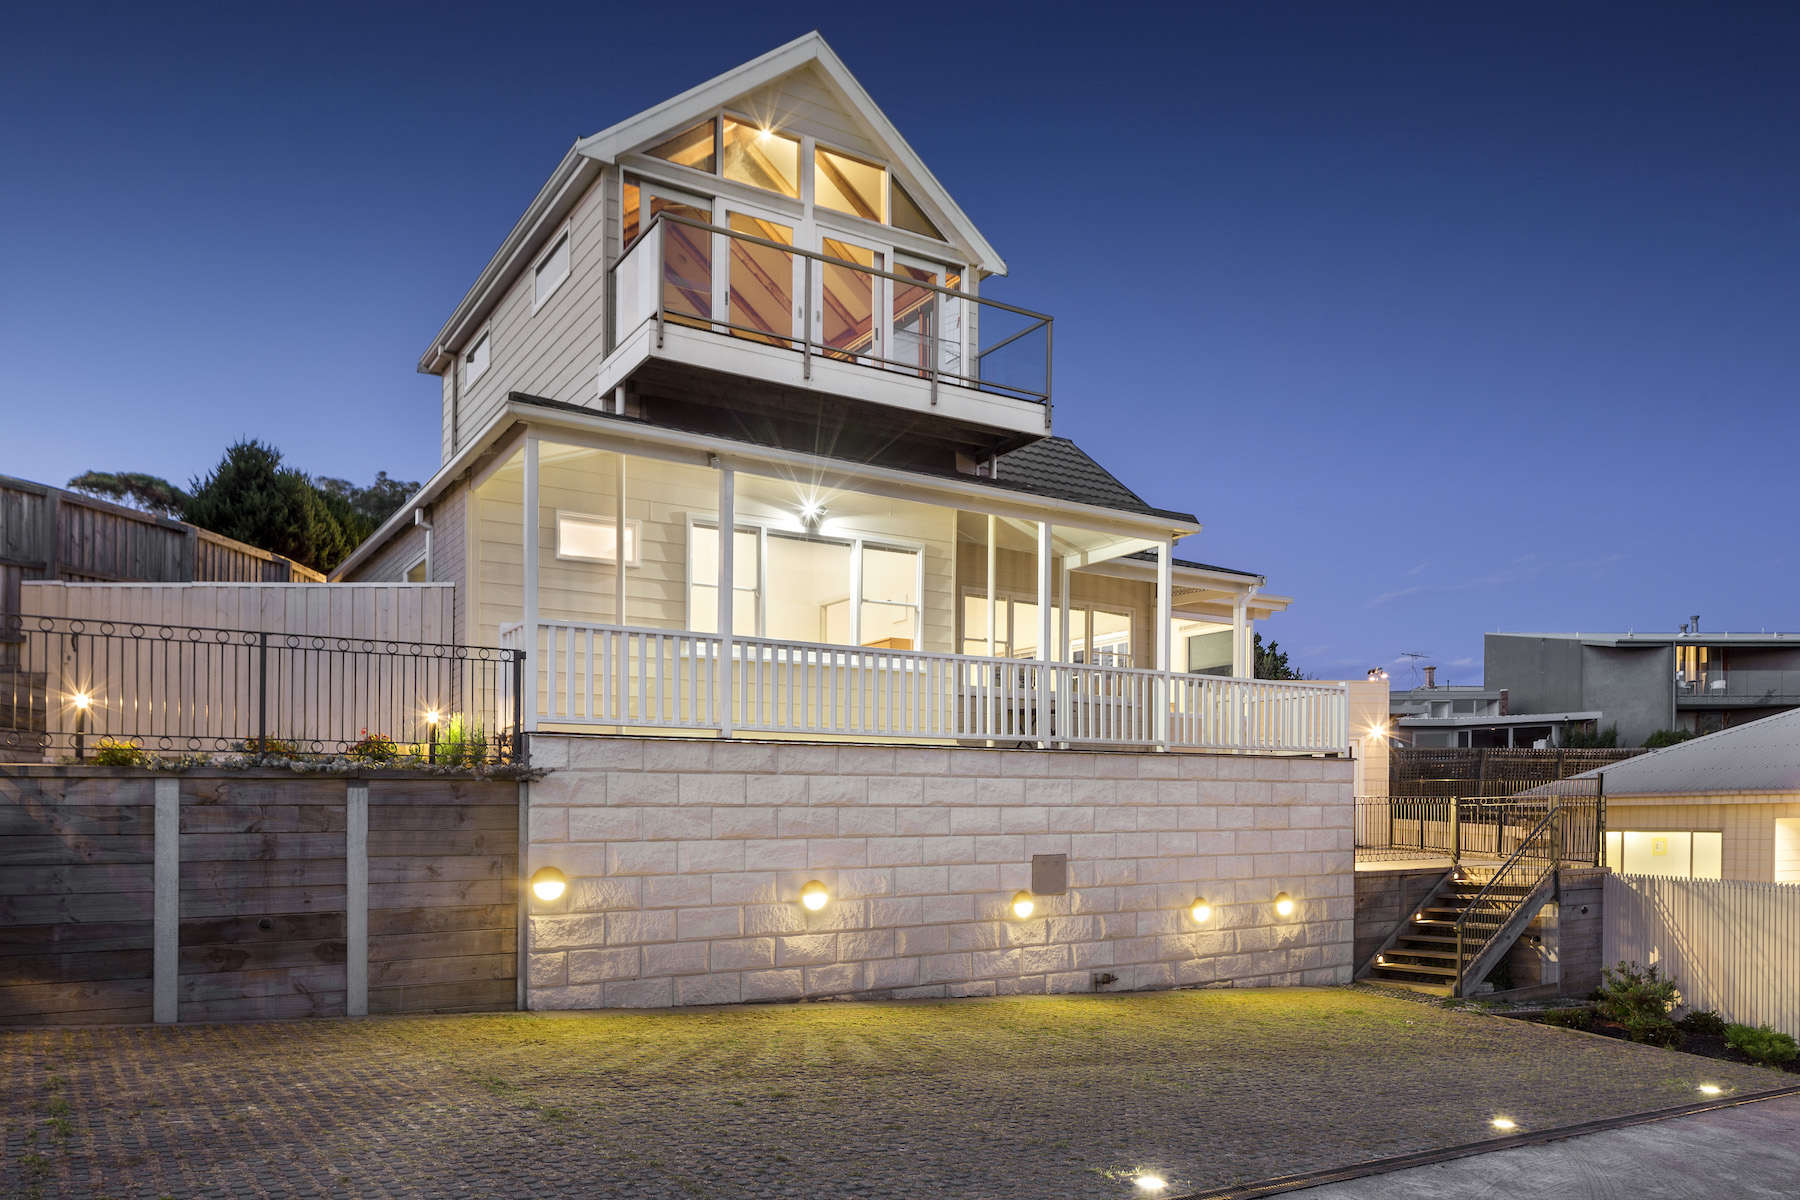 独户住宅 为 销售 在 4 Ruth Avenue, Sorrento 墨尔本, 维多利亚, 3943 澳大利亚